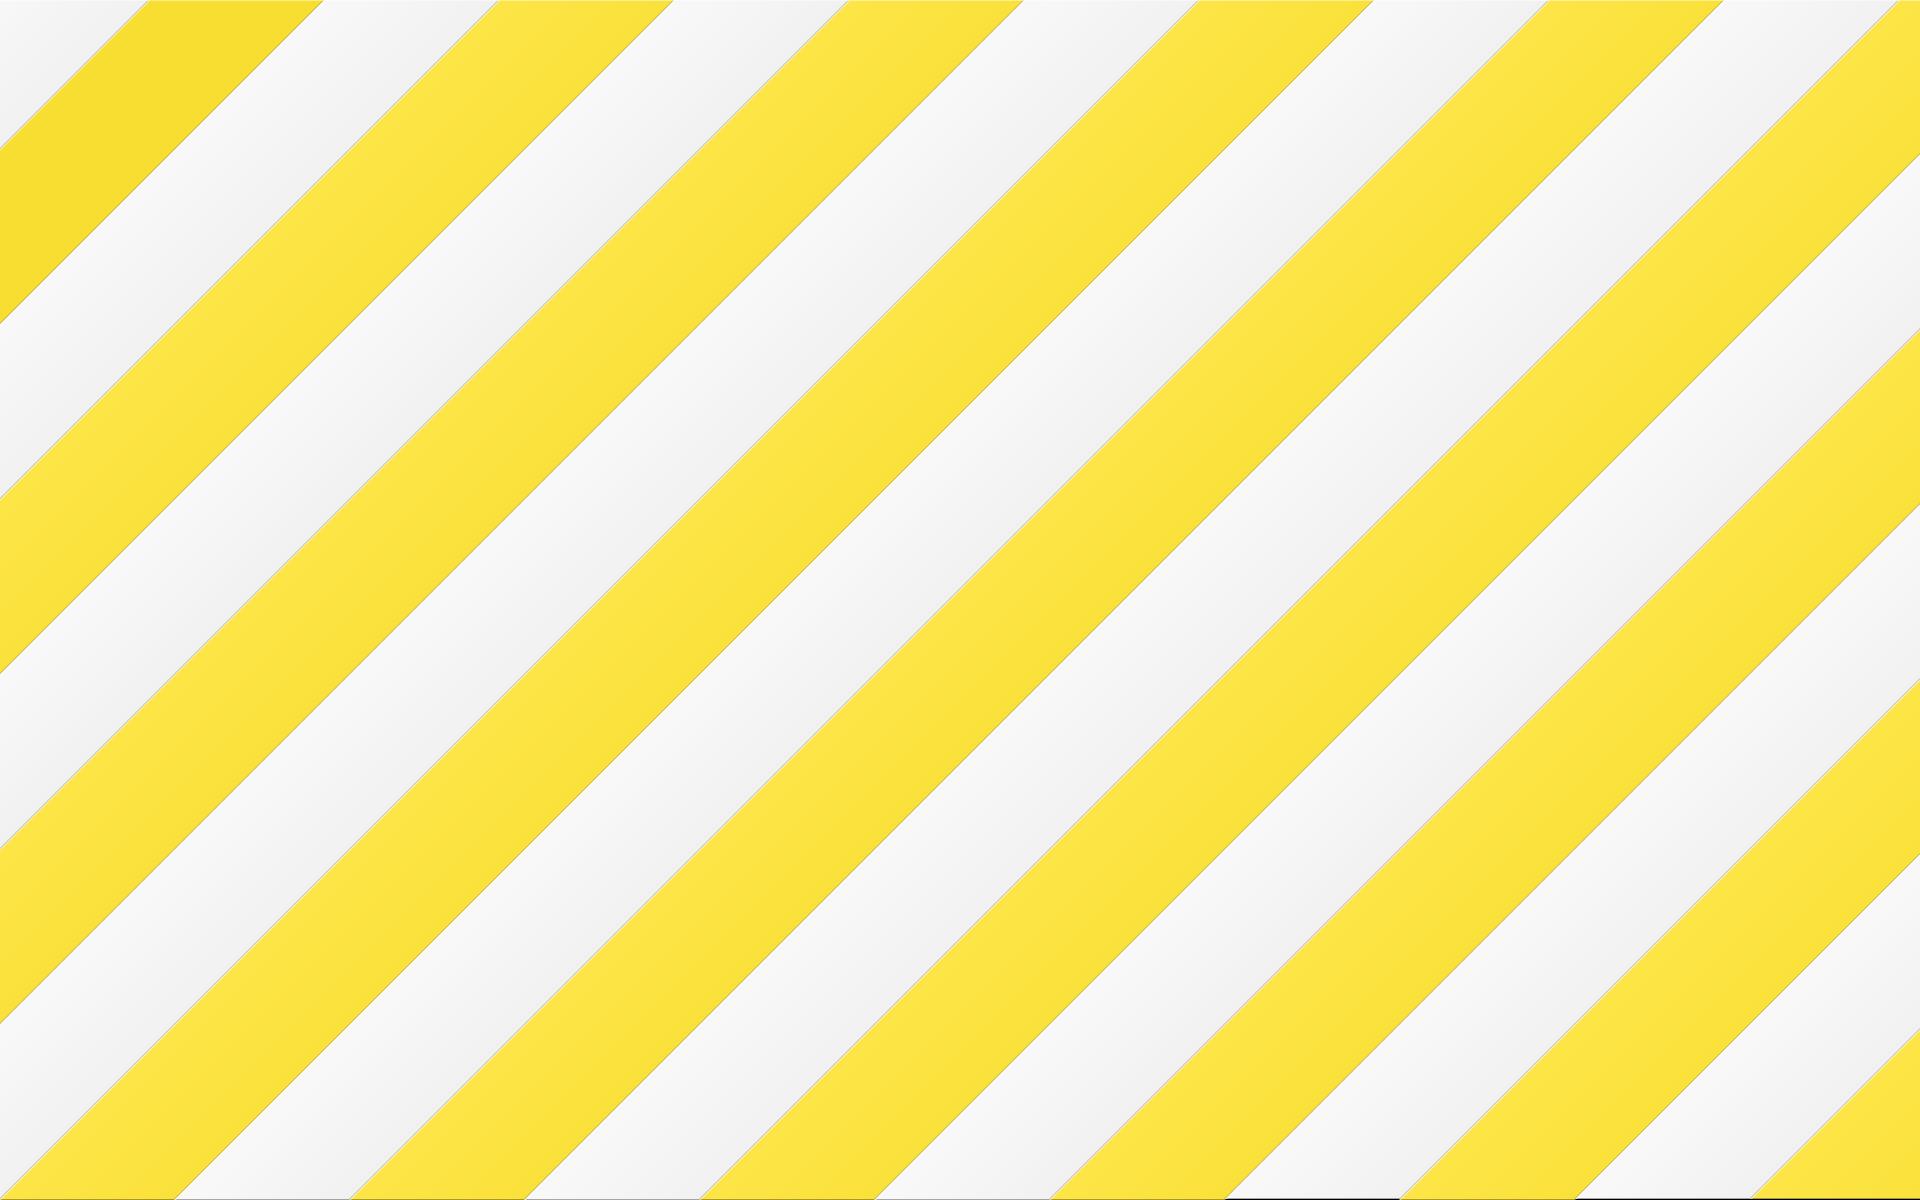 Yellow Stripe Wallpaper: Stripes HD Wallpaper